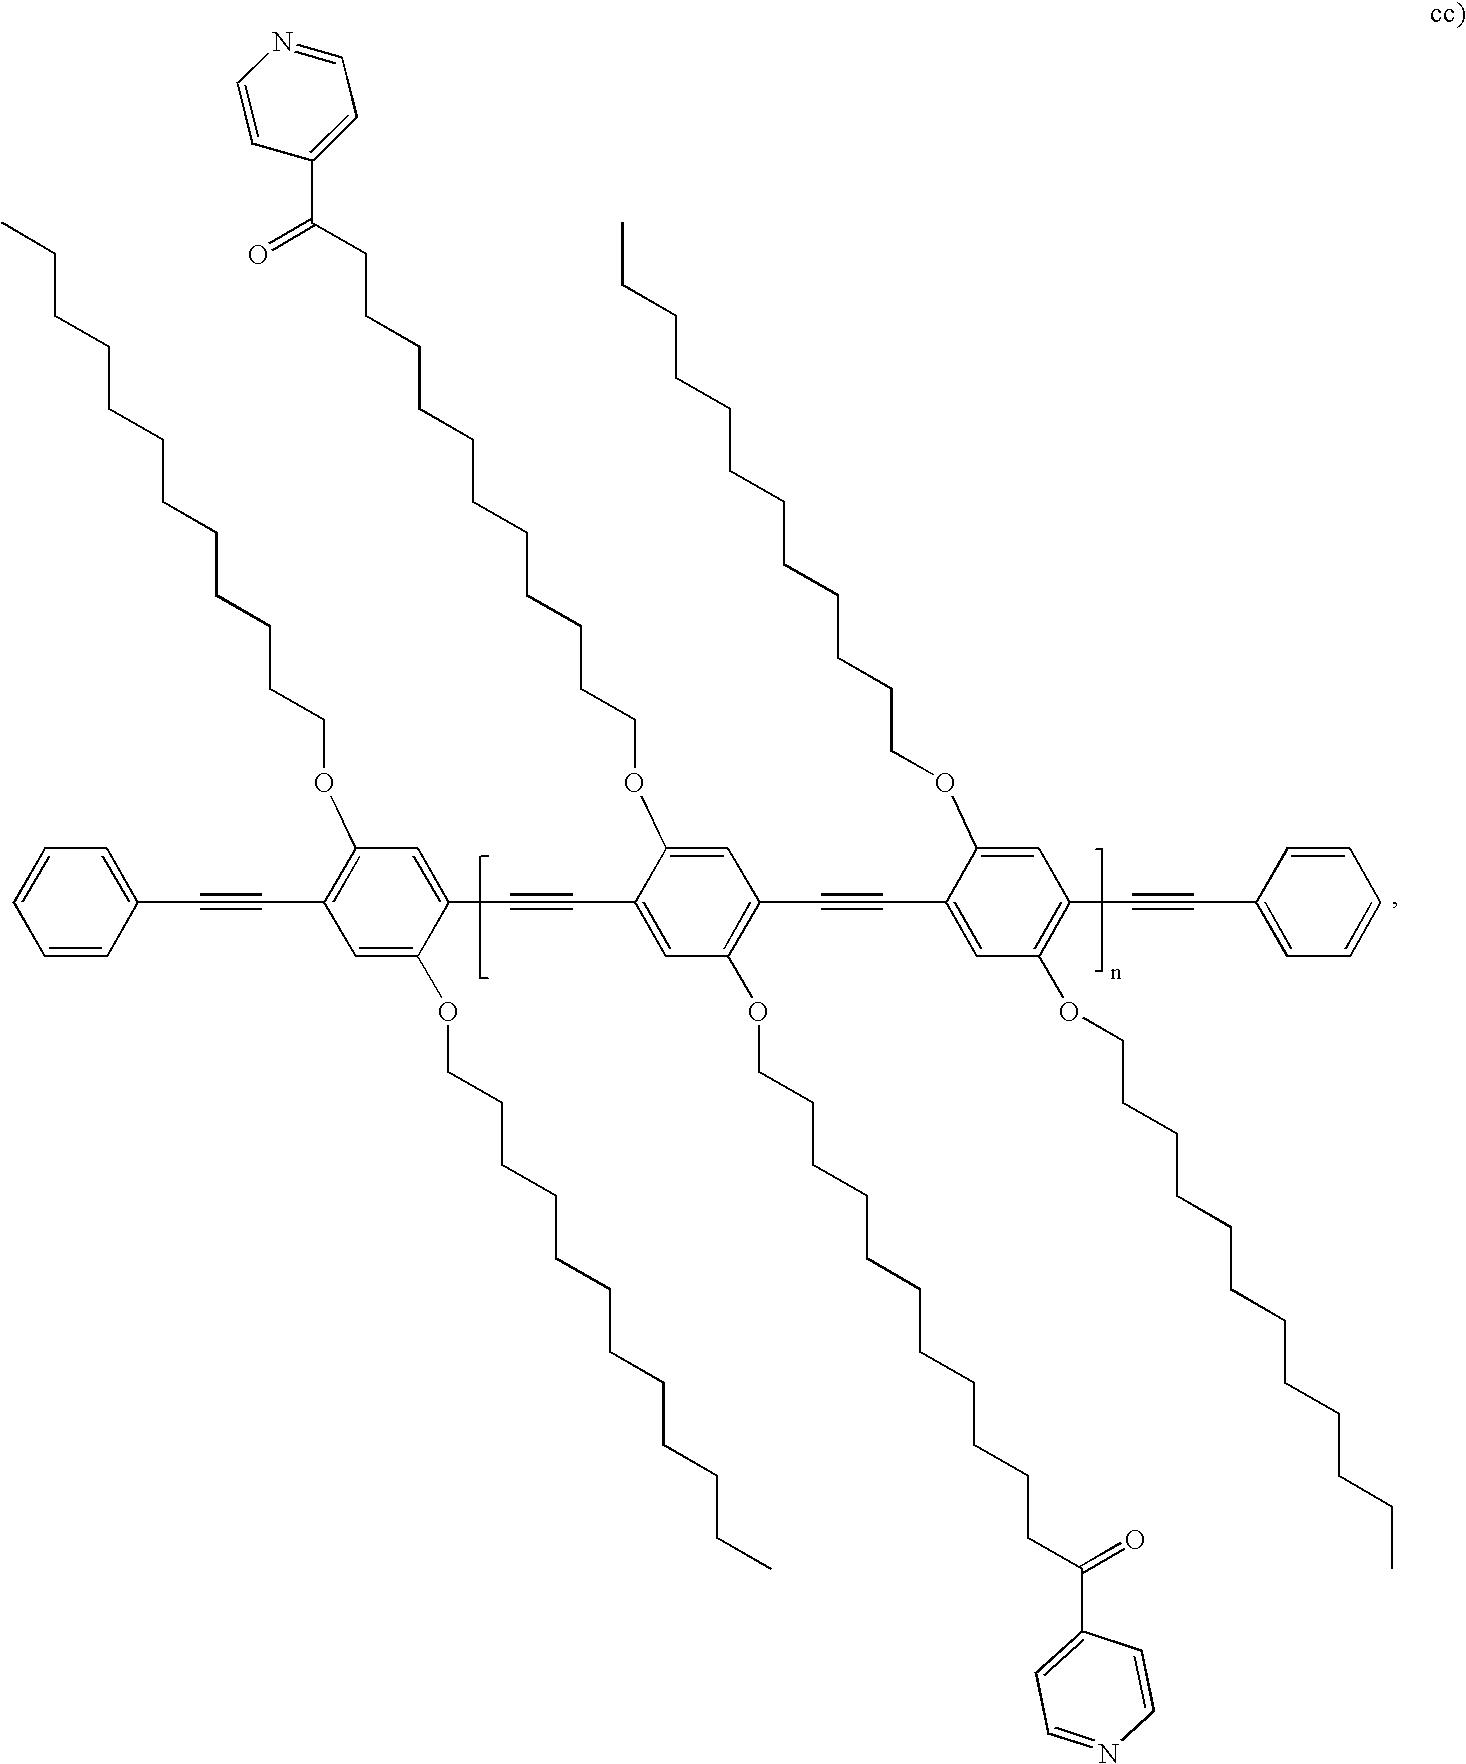 Figure US07479516-20090120-C00018